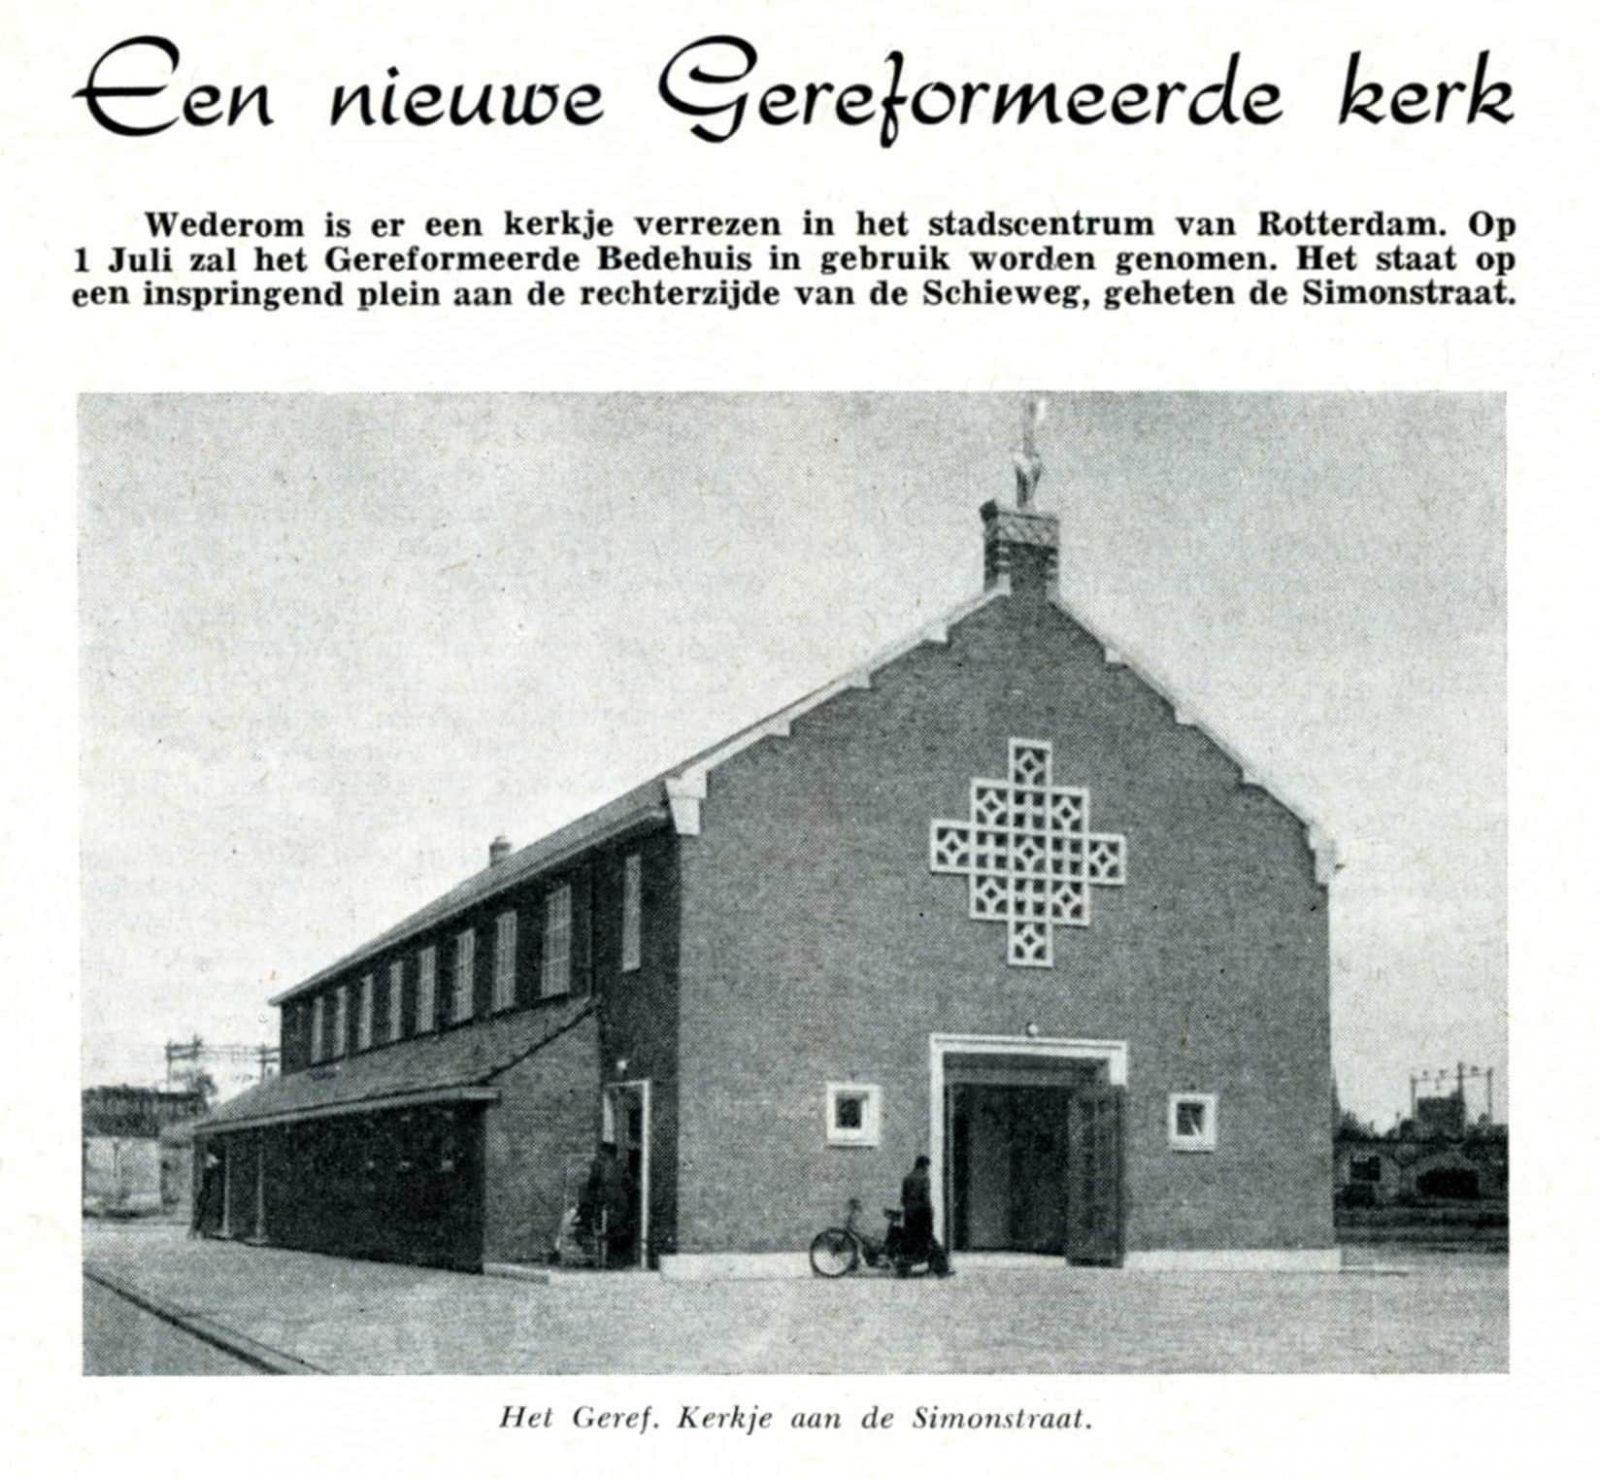 Ger-kerk-stedenbouw